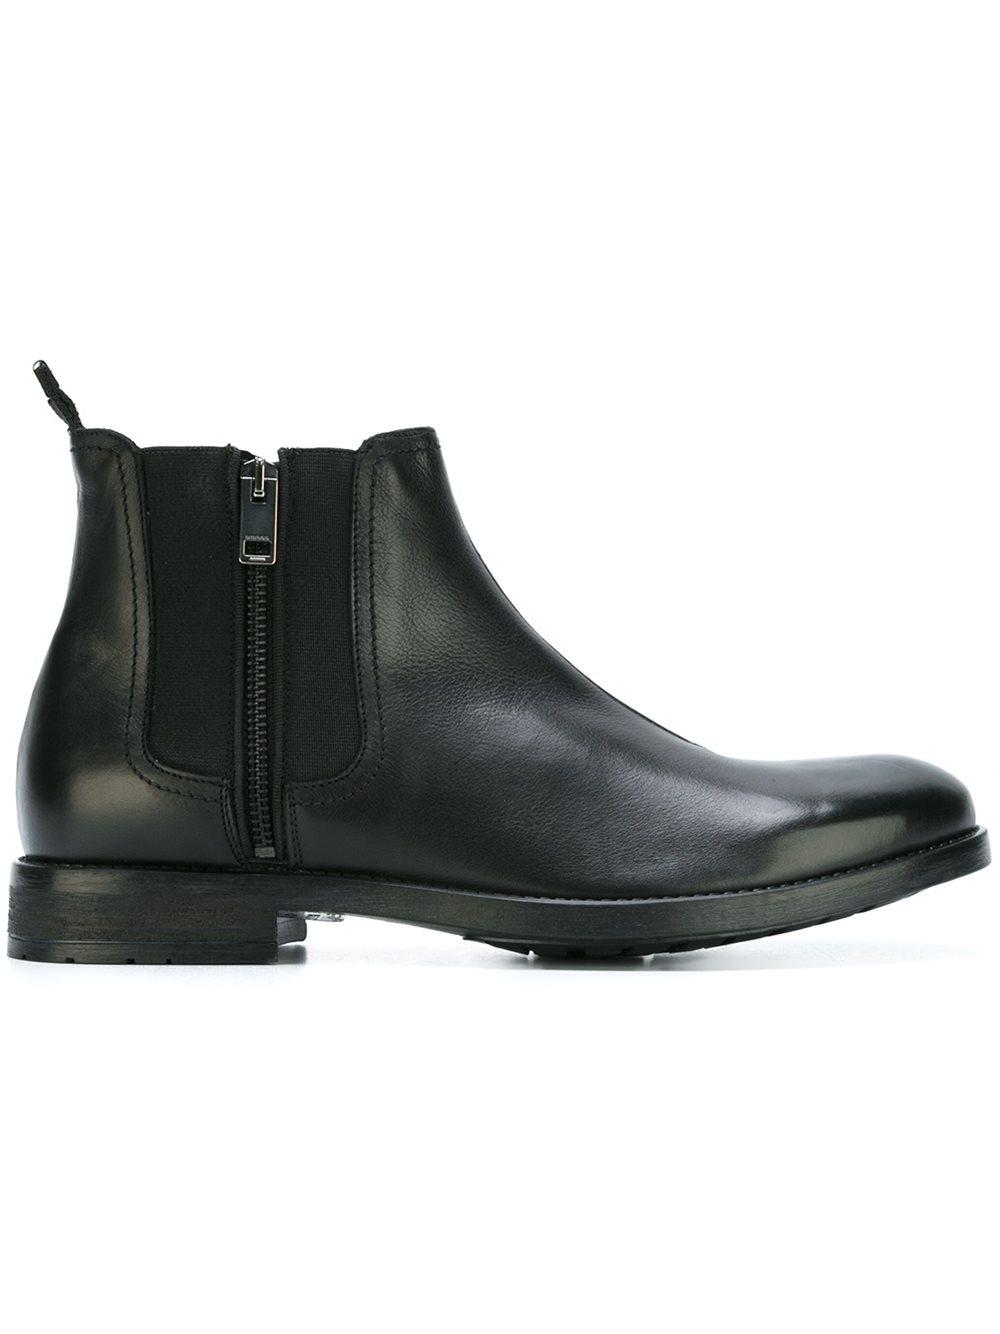 Diesel Side Zip Boots In Black For Men Lyst